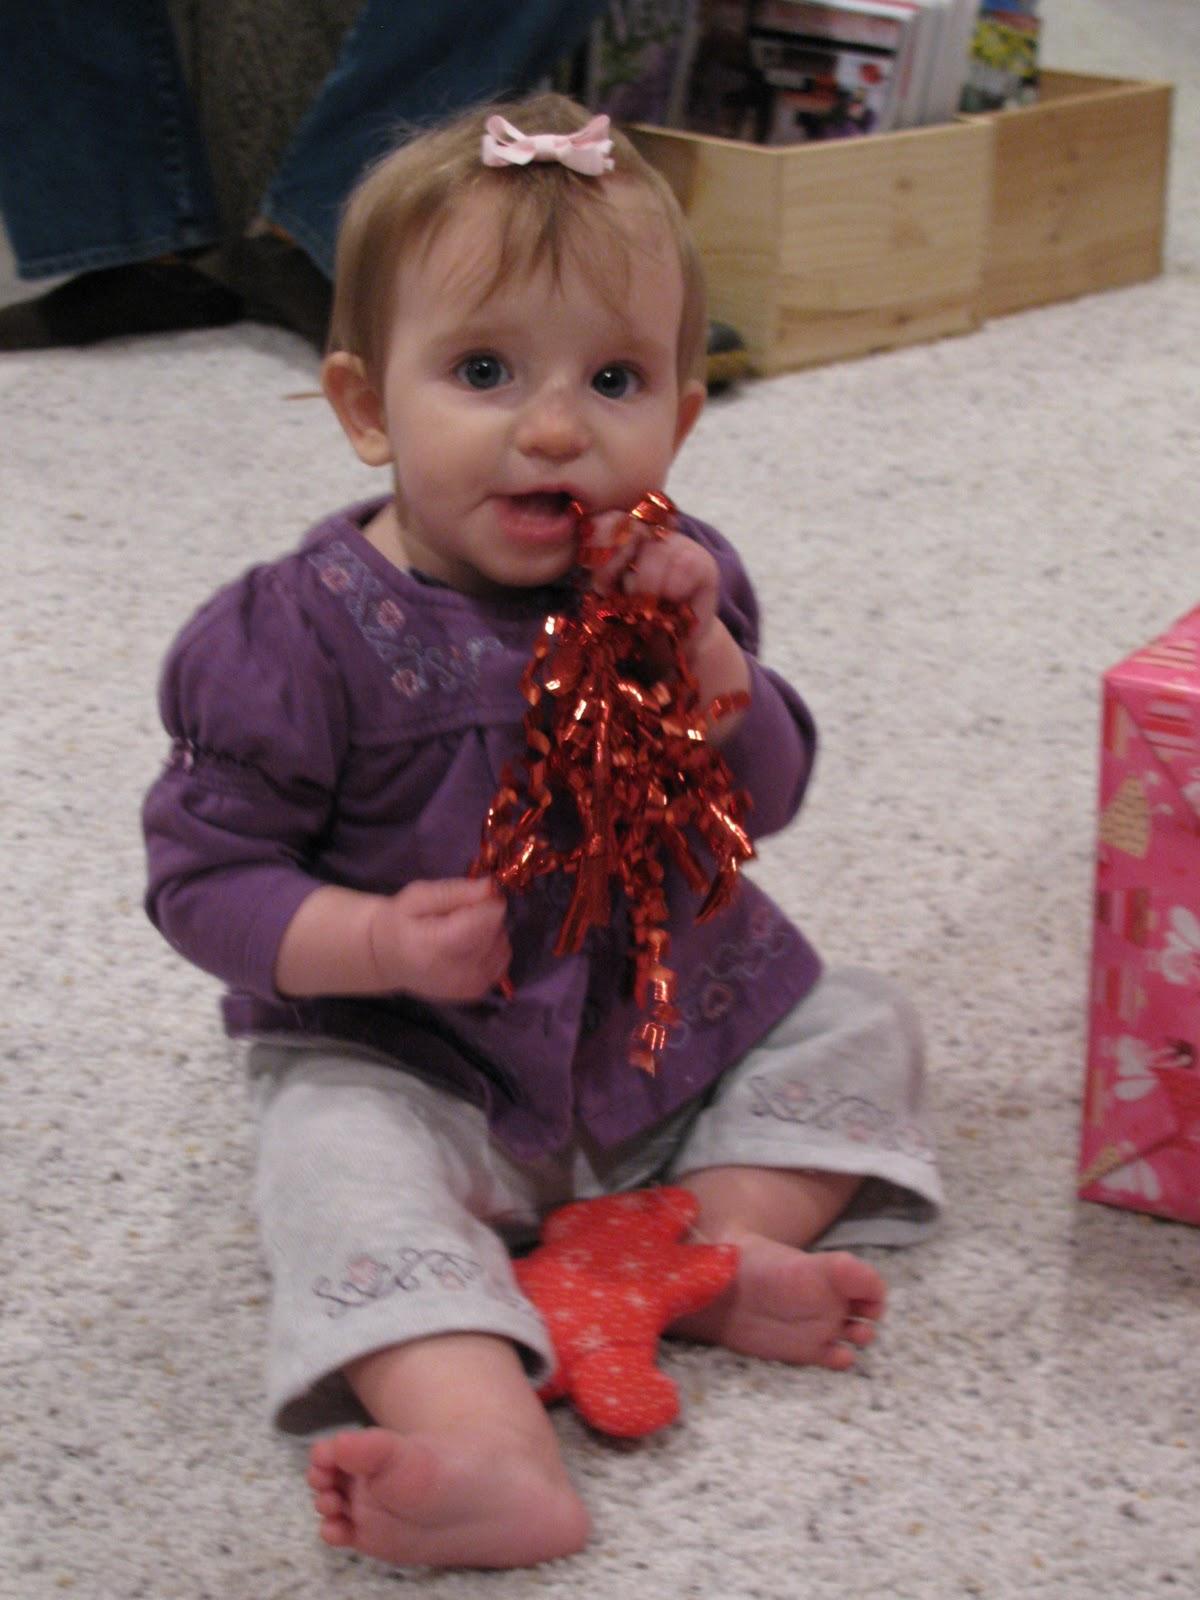 http://4.bp.blogspot.com/_L4R6_AXkDbQ/TRaJugIv9WI/AAAAAAAABFQ/NNT-YPfgng8/s1600/Christmas+Eve+040.JPG